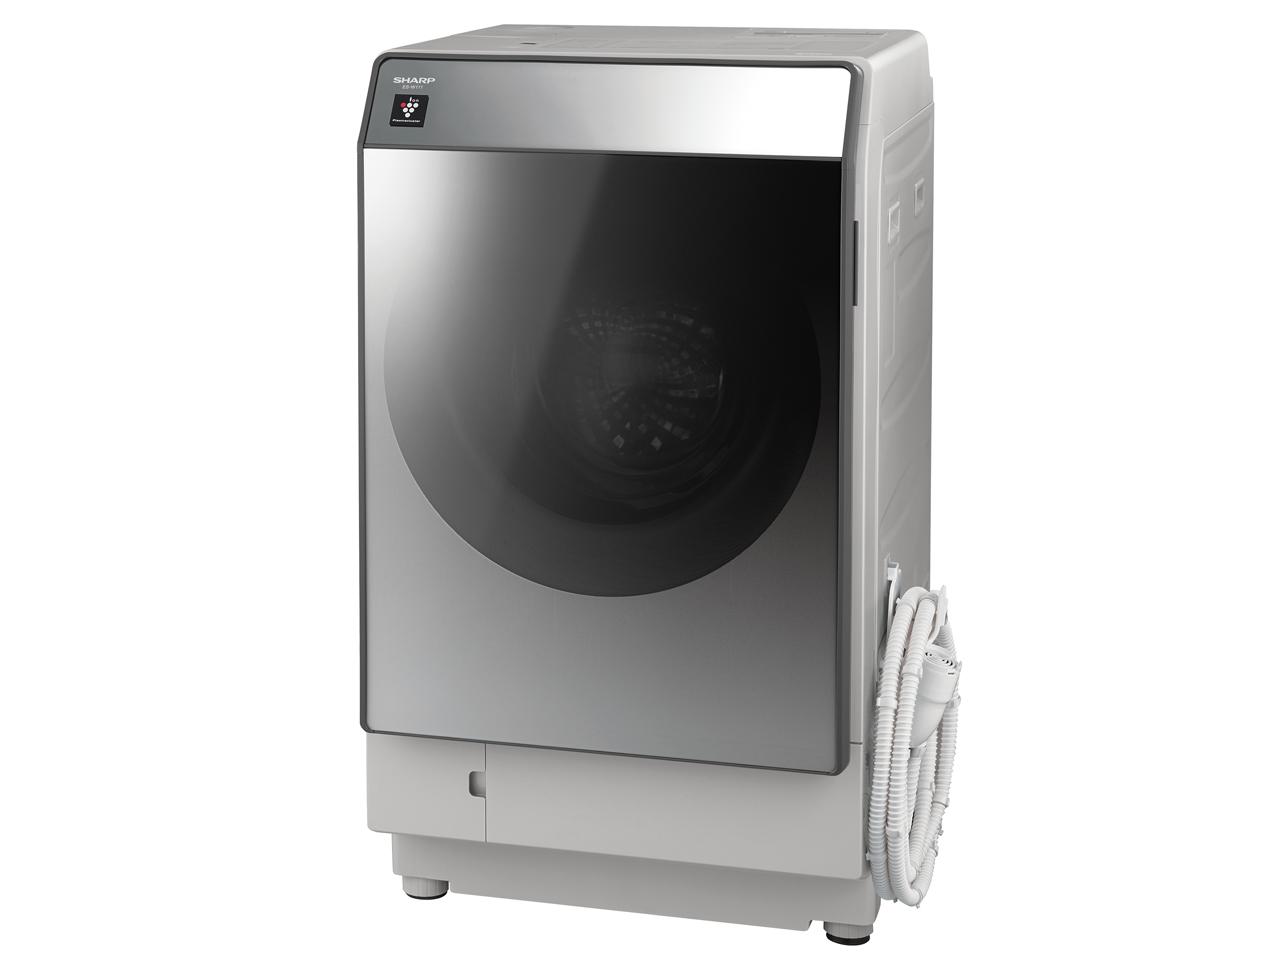 シャープ 11.0kg ドラム式洗濯乾燥機ES-W111-SL【左開き←】